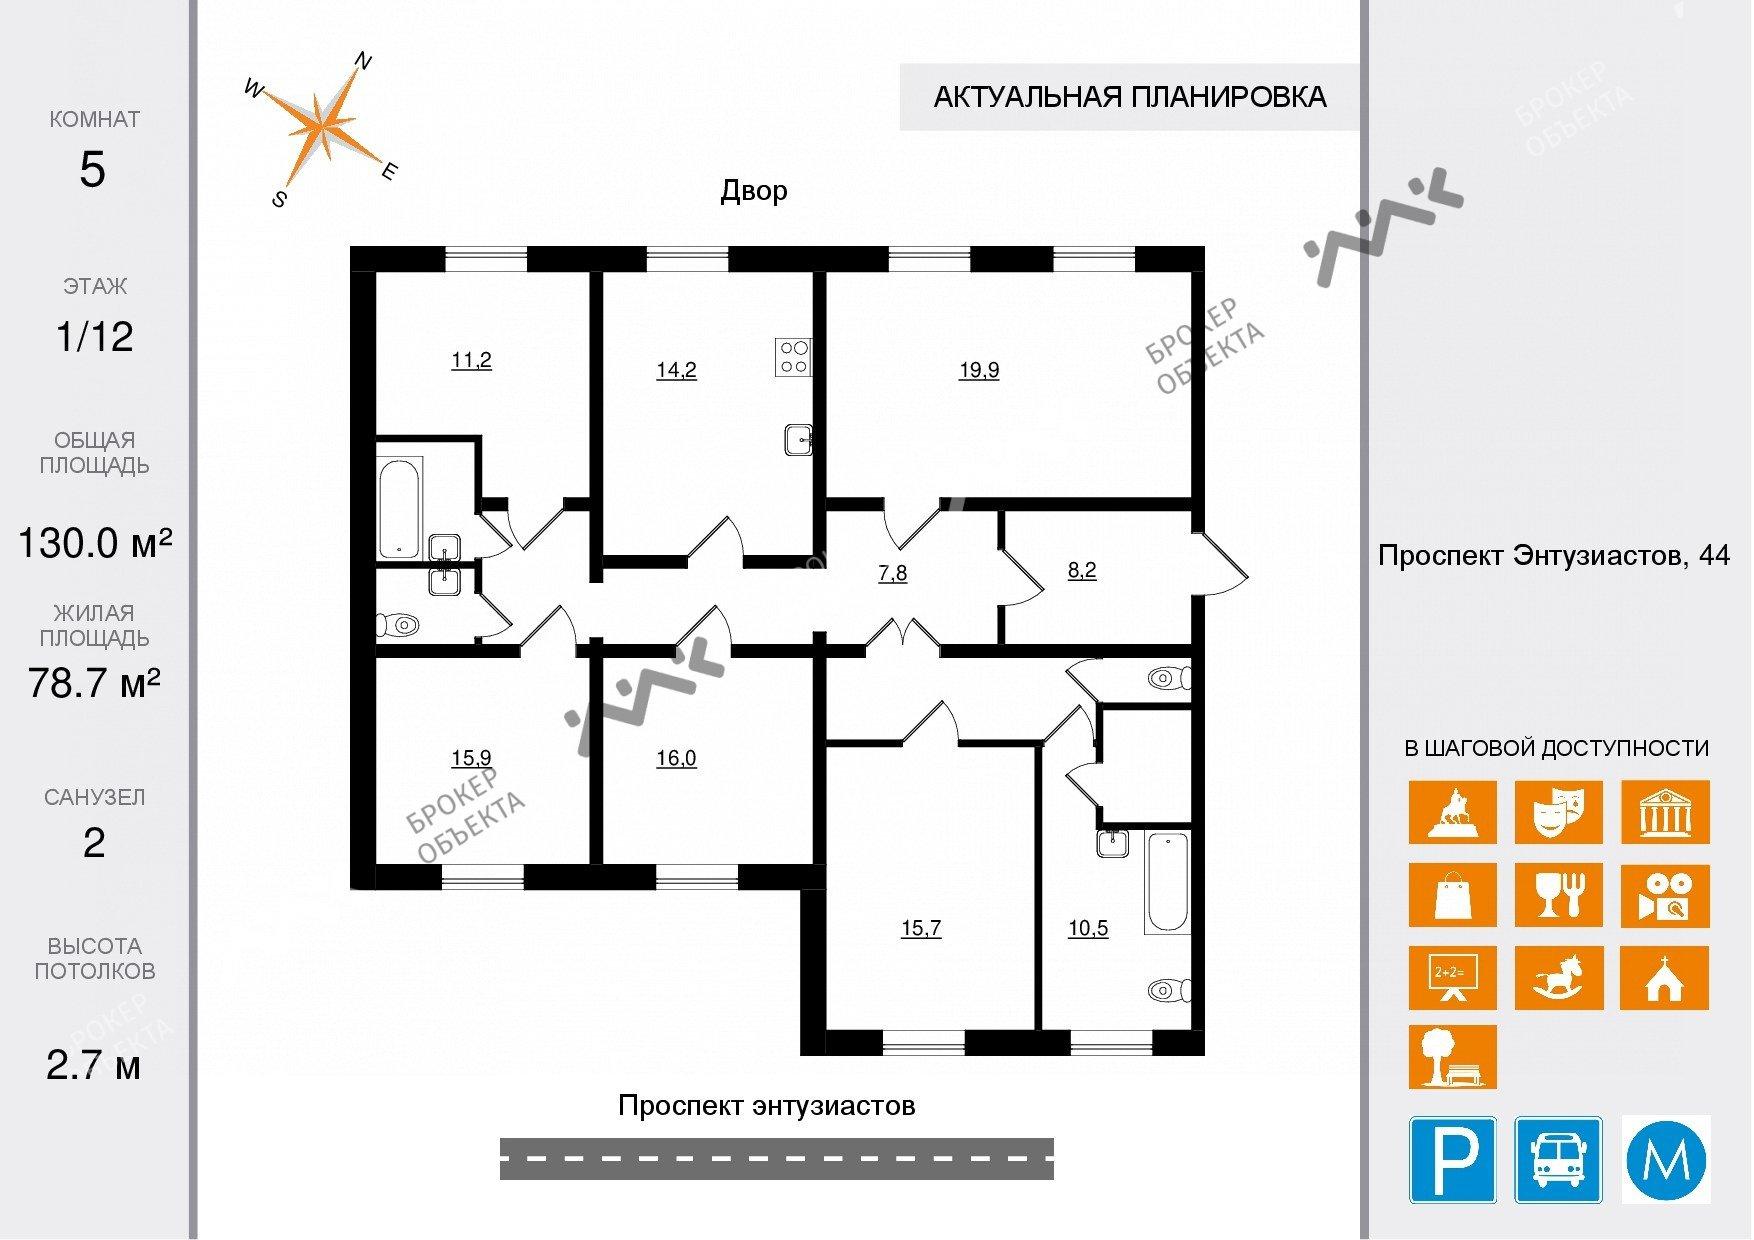 Планировка Энтузиастов проспект, д.44. Лот № 759060